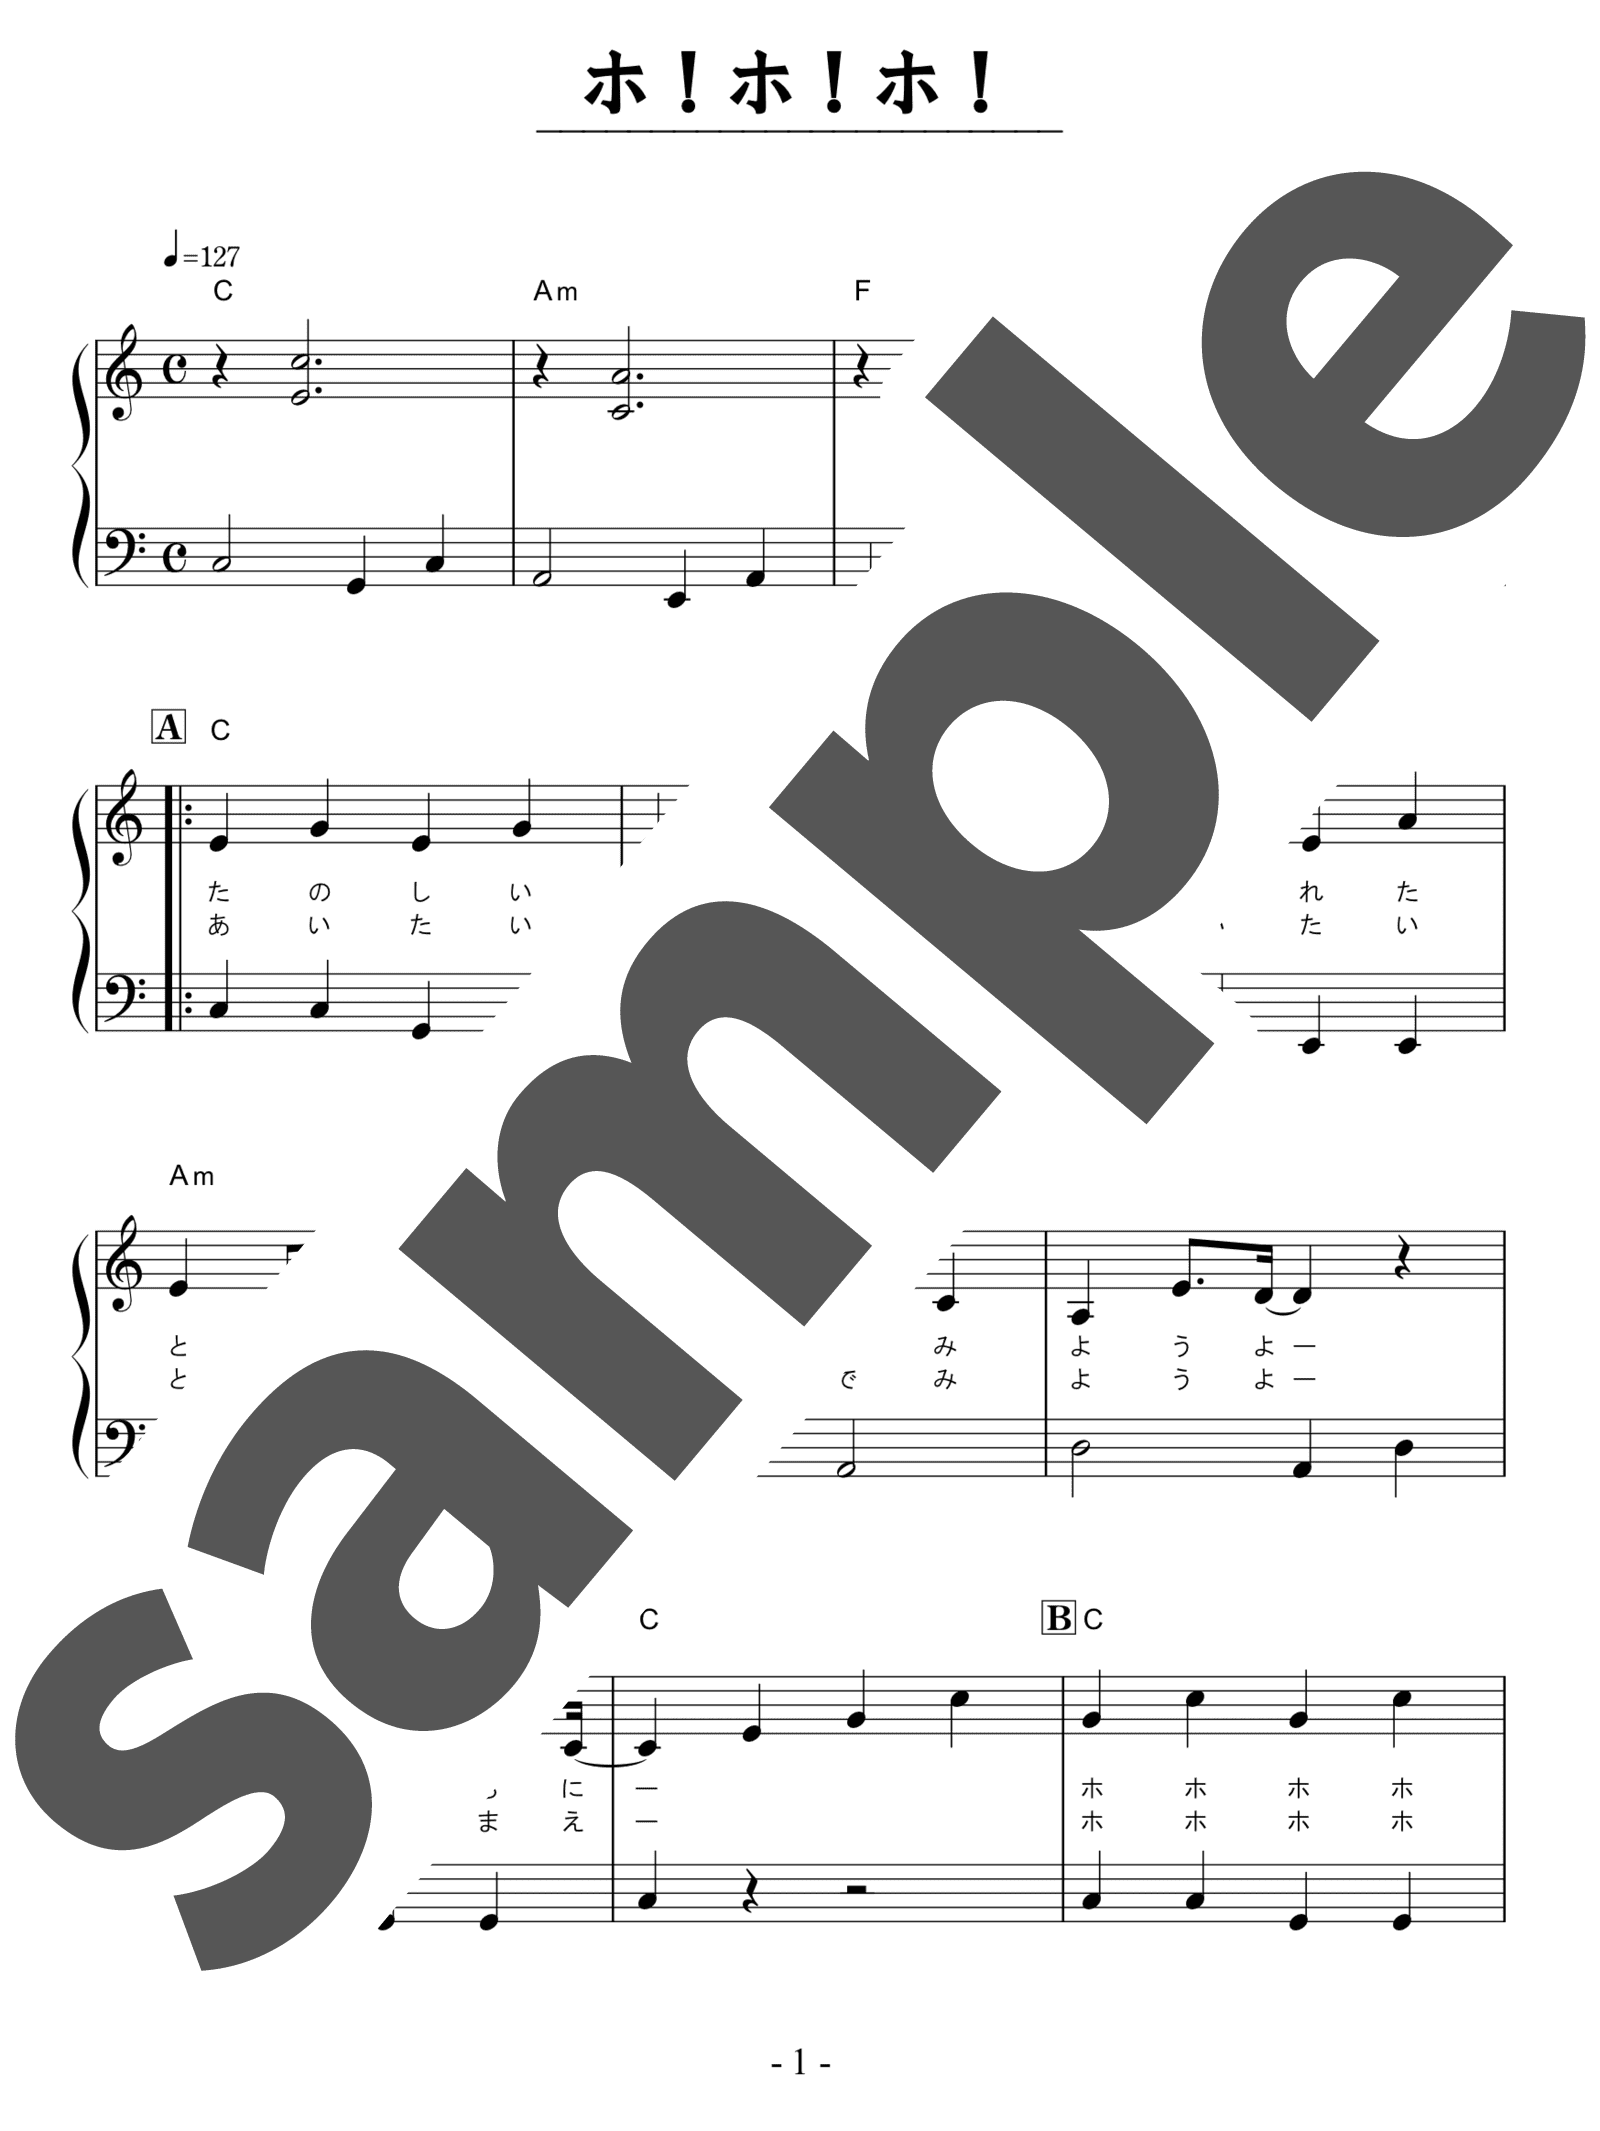 ピアノ楽譜】ホ!ホ!ホ! / はいだしょうこ(ソロ / 入門) | 電子楽譜カノン